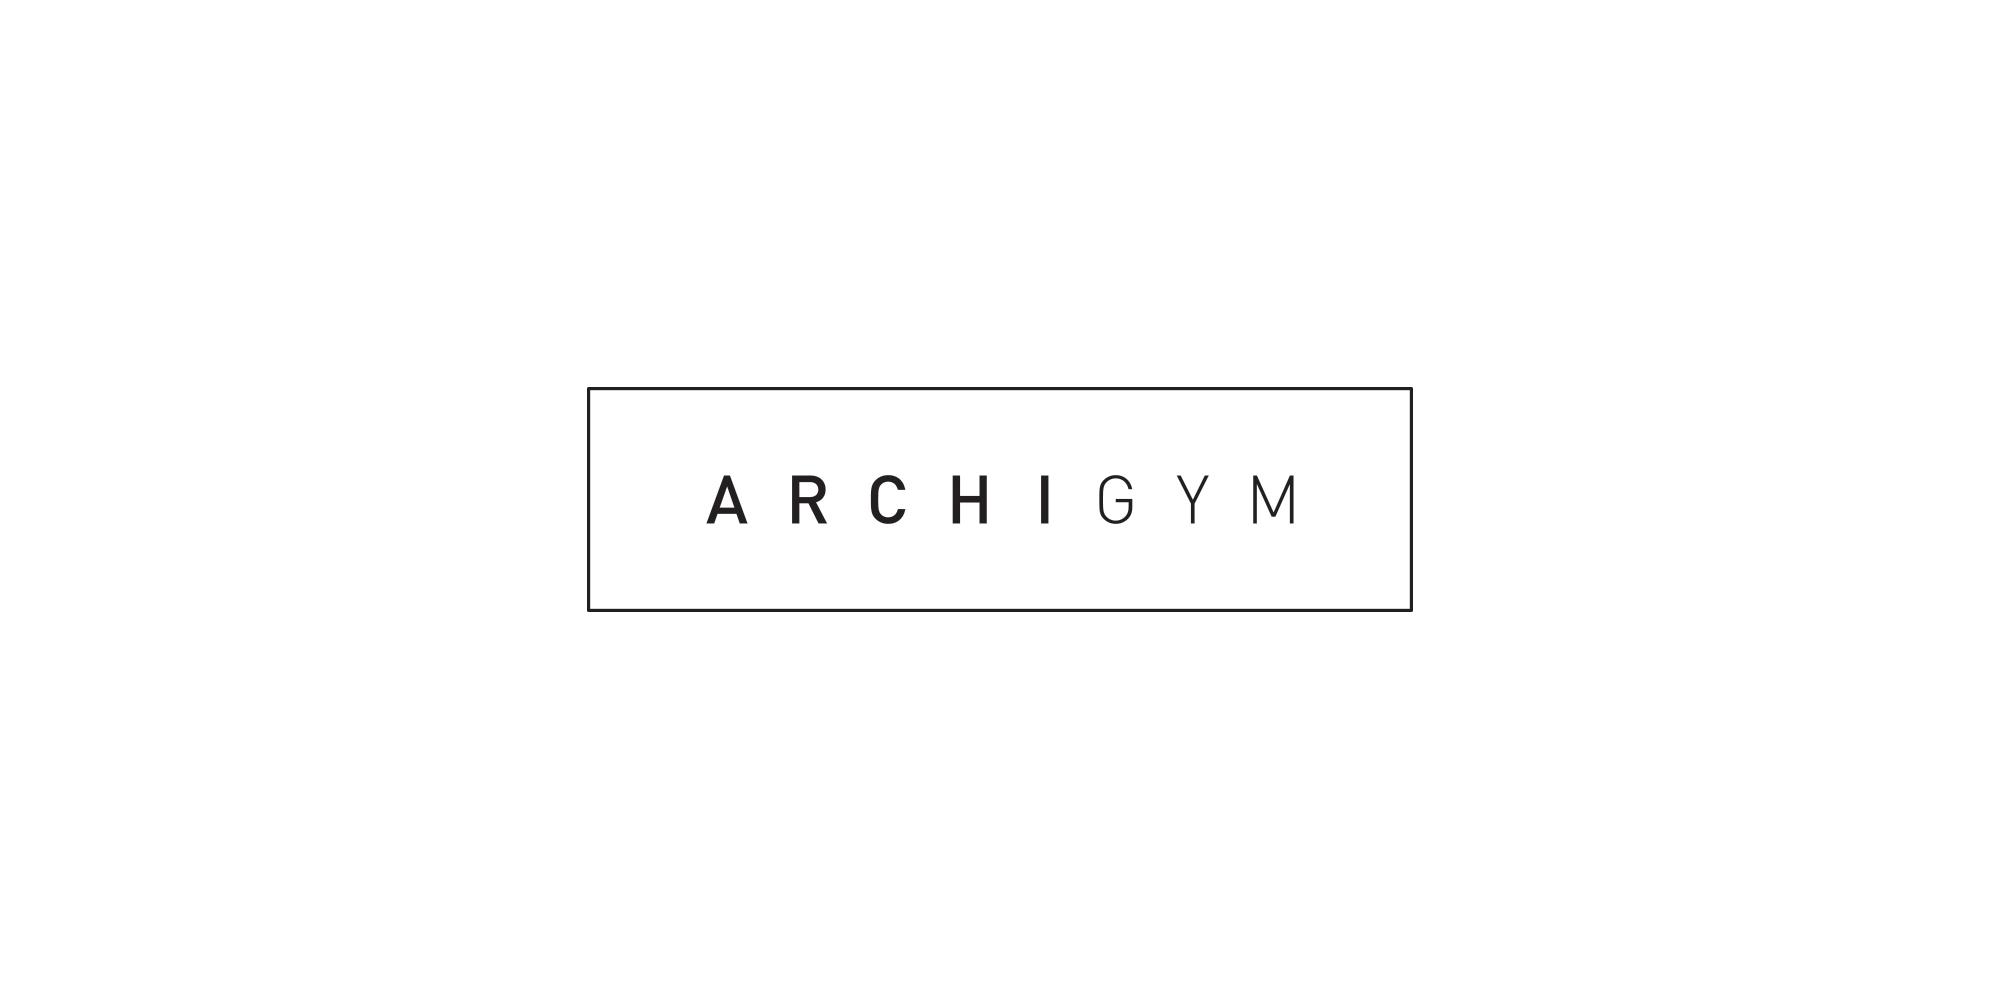 Archigym - Branding